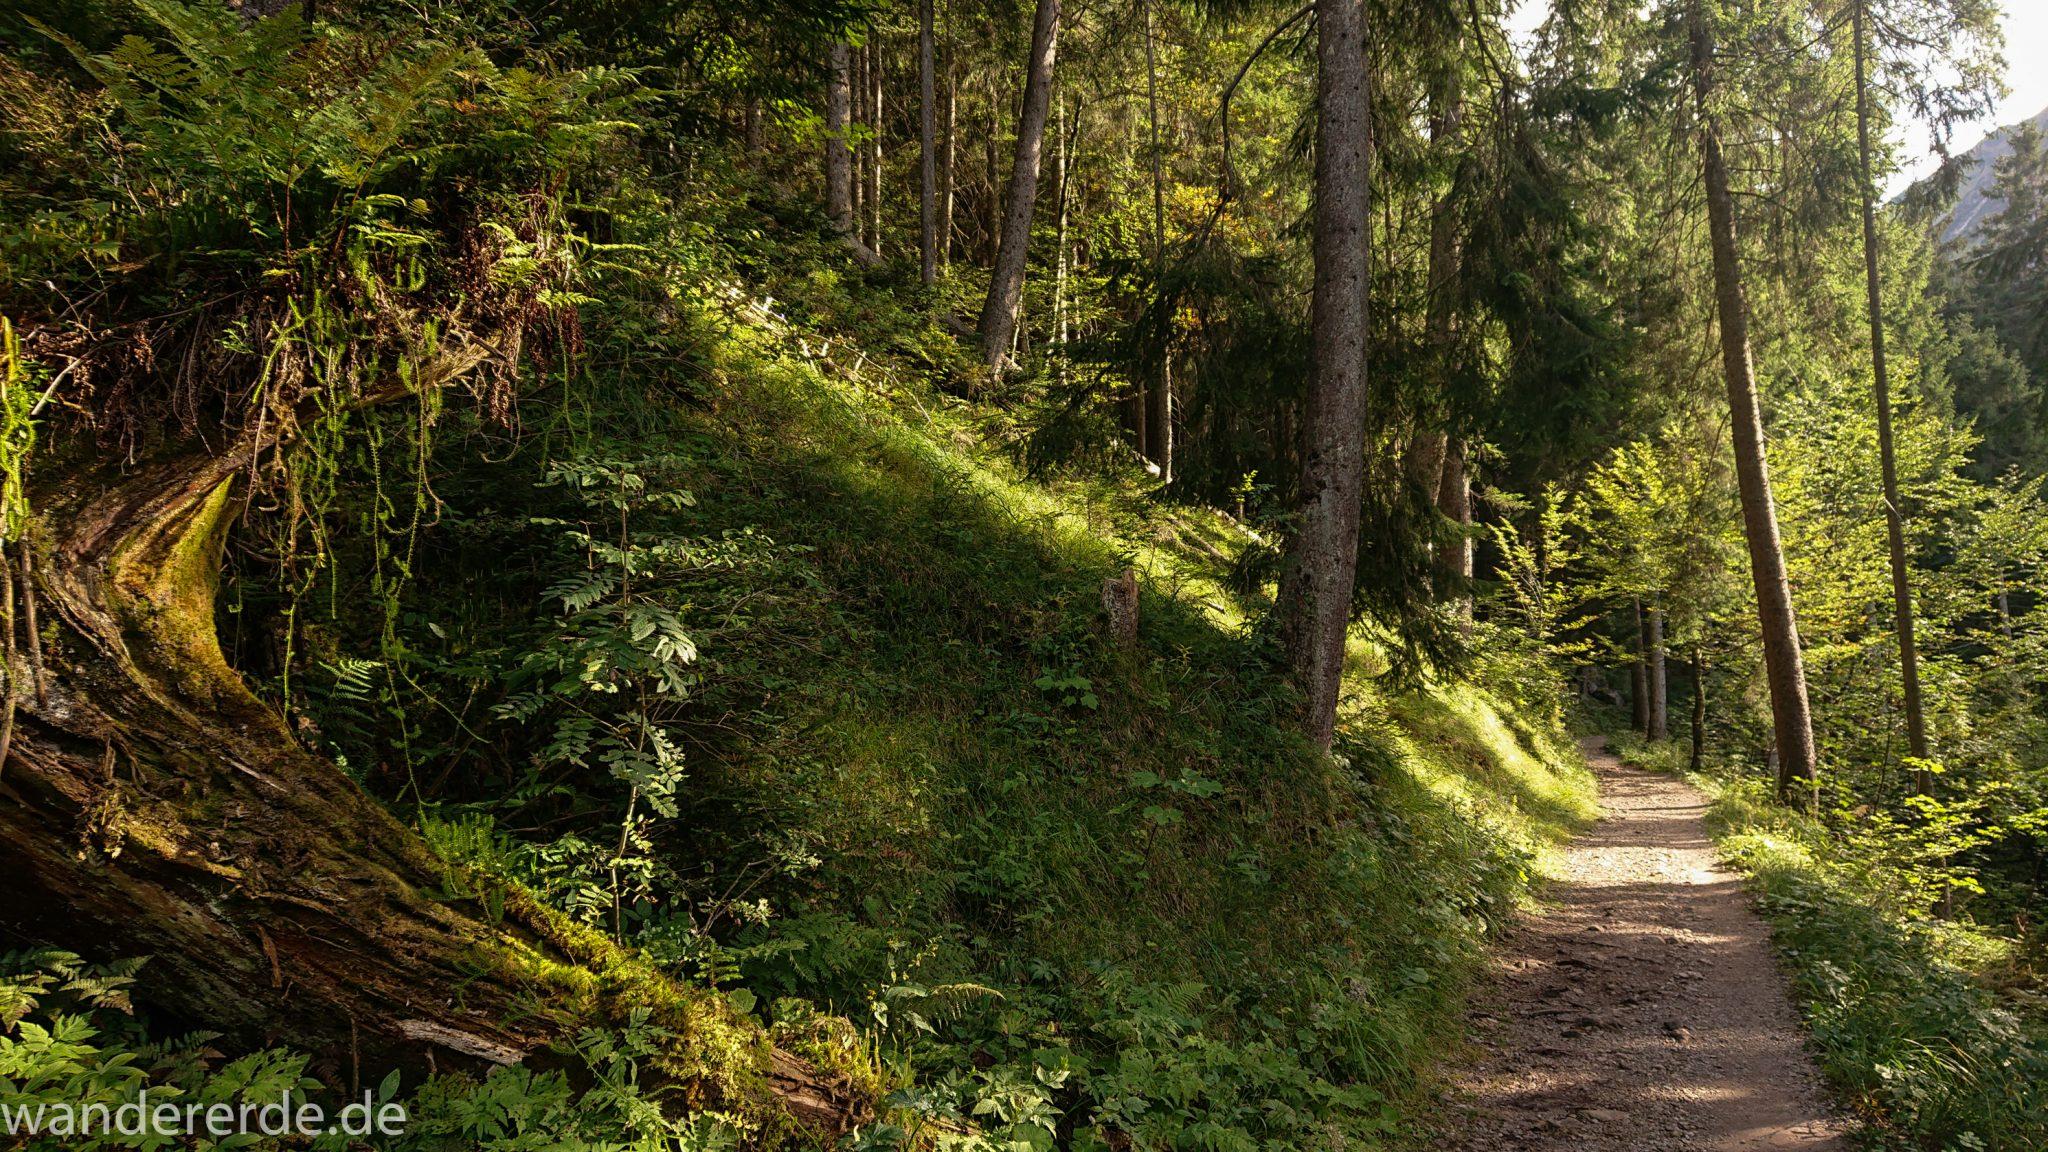 Alpenüberquerung Fernwanderweg E5 Oberstdorf Meran, 1. Etappe von Oberstdorf zur Kemptner Hütte, Wanderweg von Oberstdorf zur Spielmannsau führt durch schönen, dichten Wald bei Oberstdorf im Allgäu, Bayern